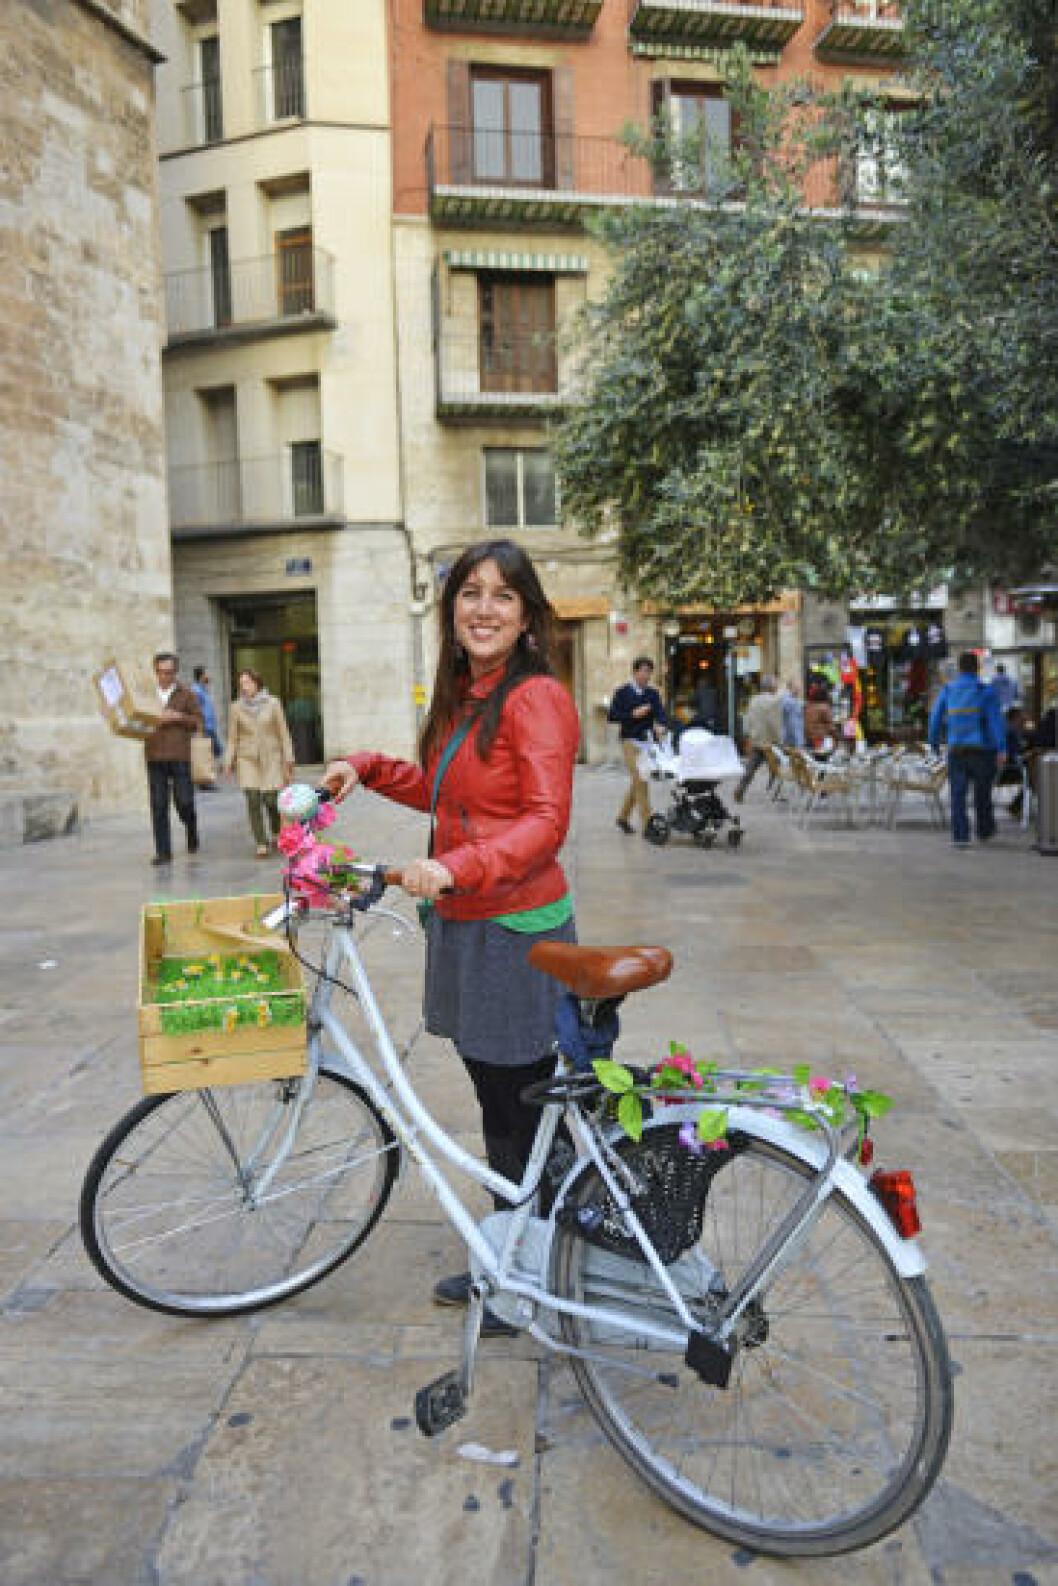 <strong>PÅ TO HJUL:</strong> - Sykkel er definitivt det beste framkomstmiddelet i Valencia, mener Suzie Añon y García, som ellers mener at byens tapasbarer er det aller beste å utforske i Spanias tredje største by. Foto: GJERMUND GLESNES